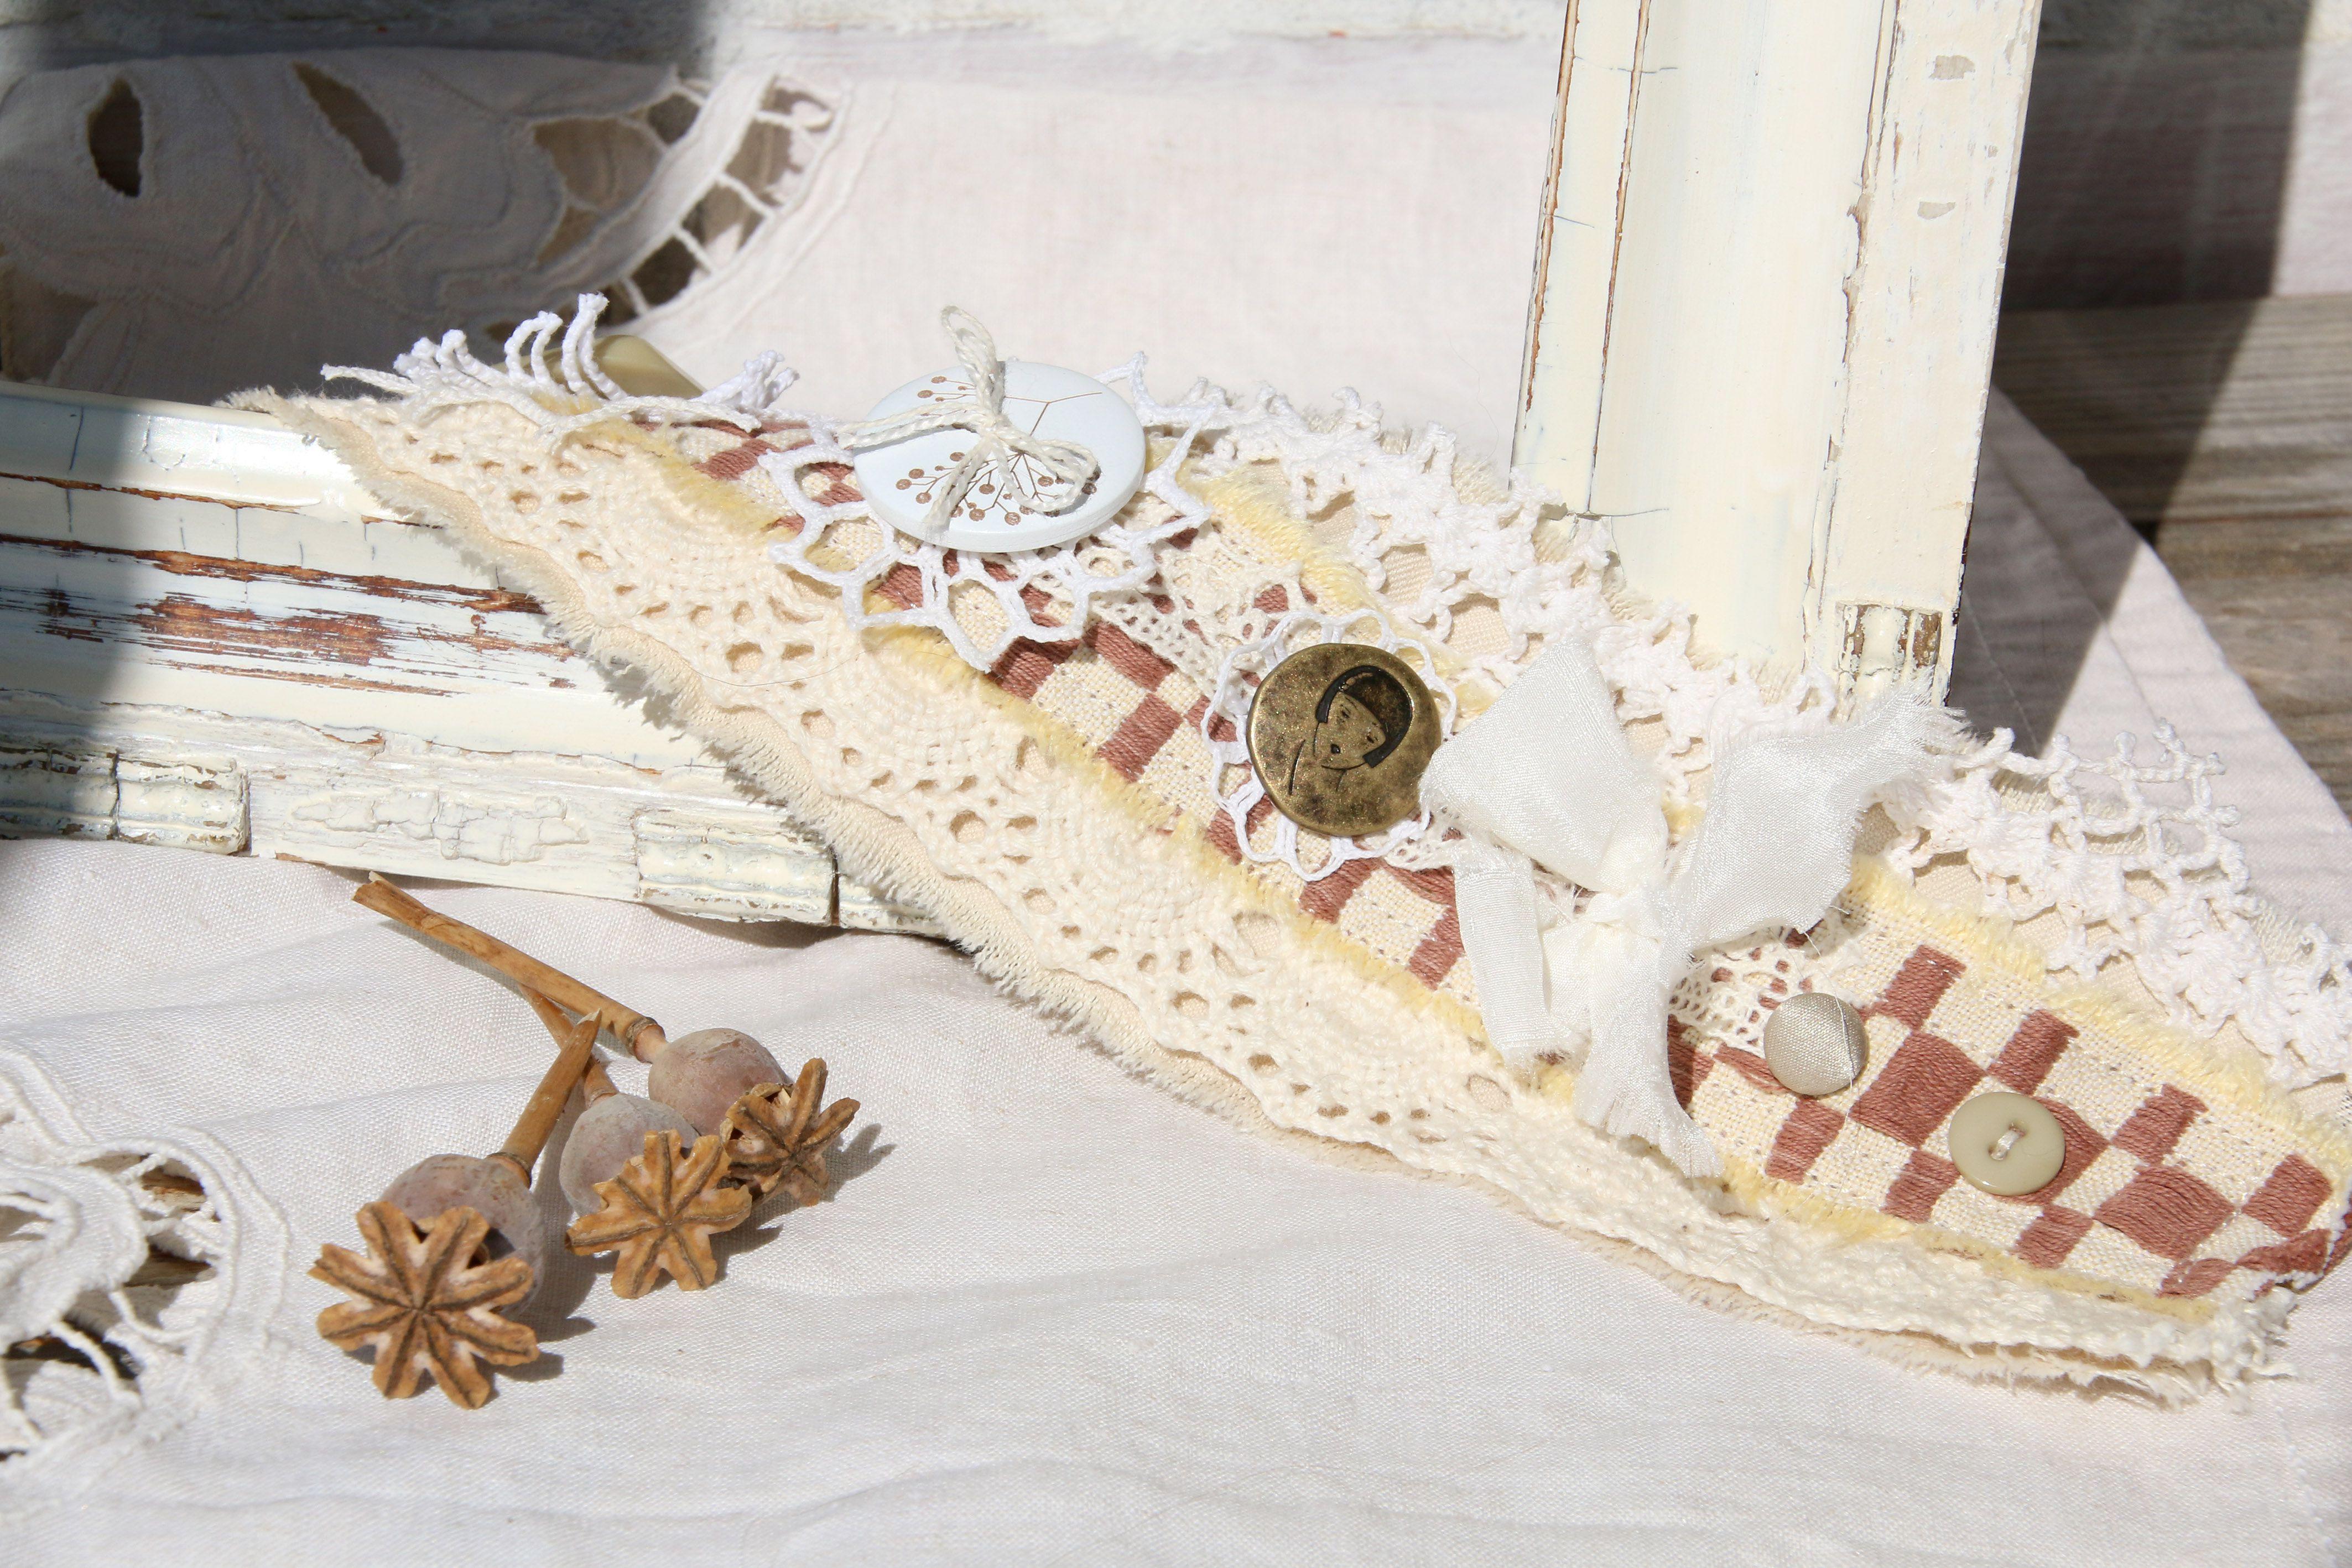 ретро браслет текстильный кружевной кость шоколадный слоновая шеби бронза молочный айвори натуральные винтаж